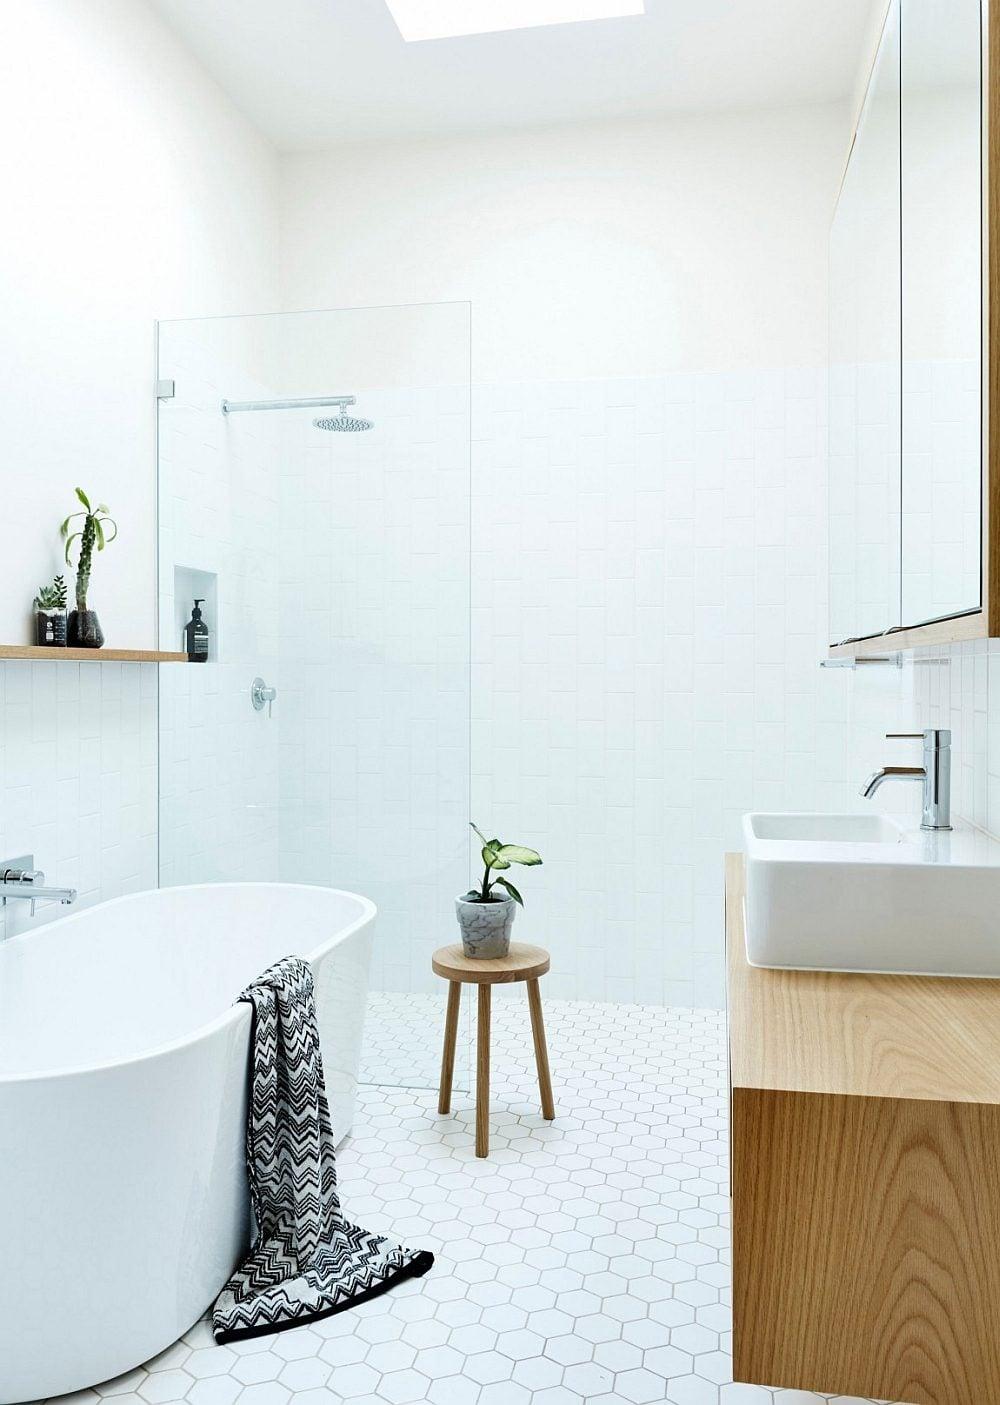 94 Ngôi nhà hoàn hảo cho gia đình nhỏ ở Sydney qpdesign